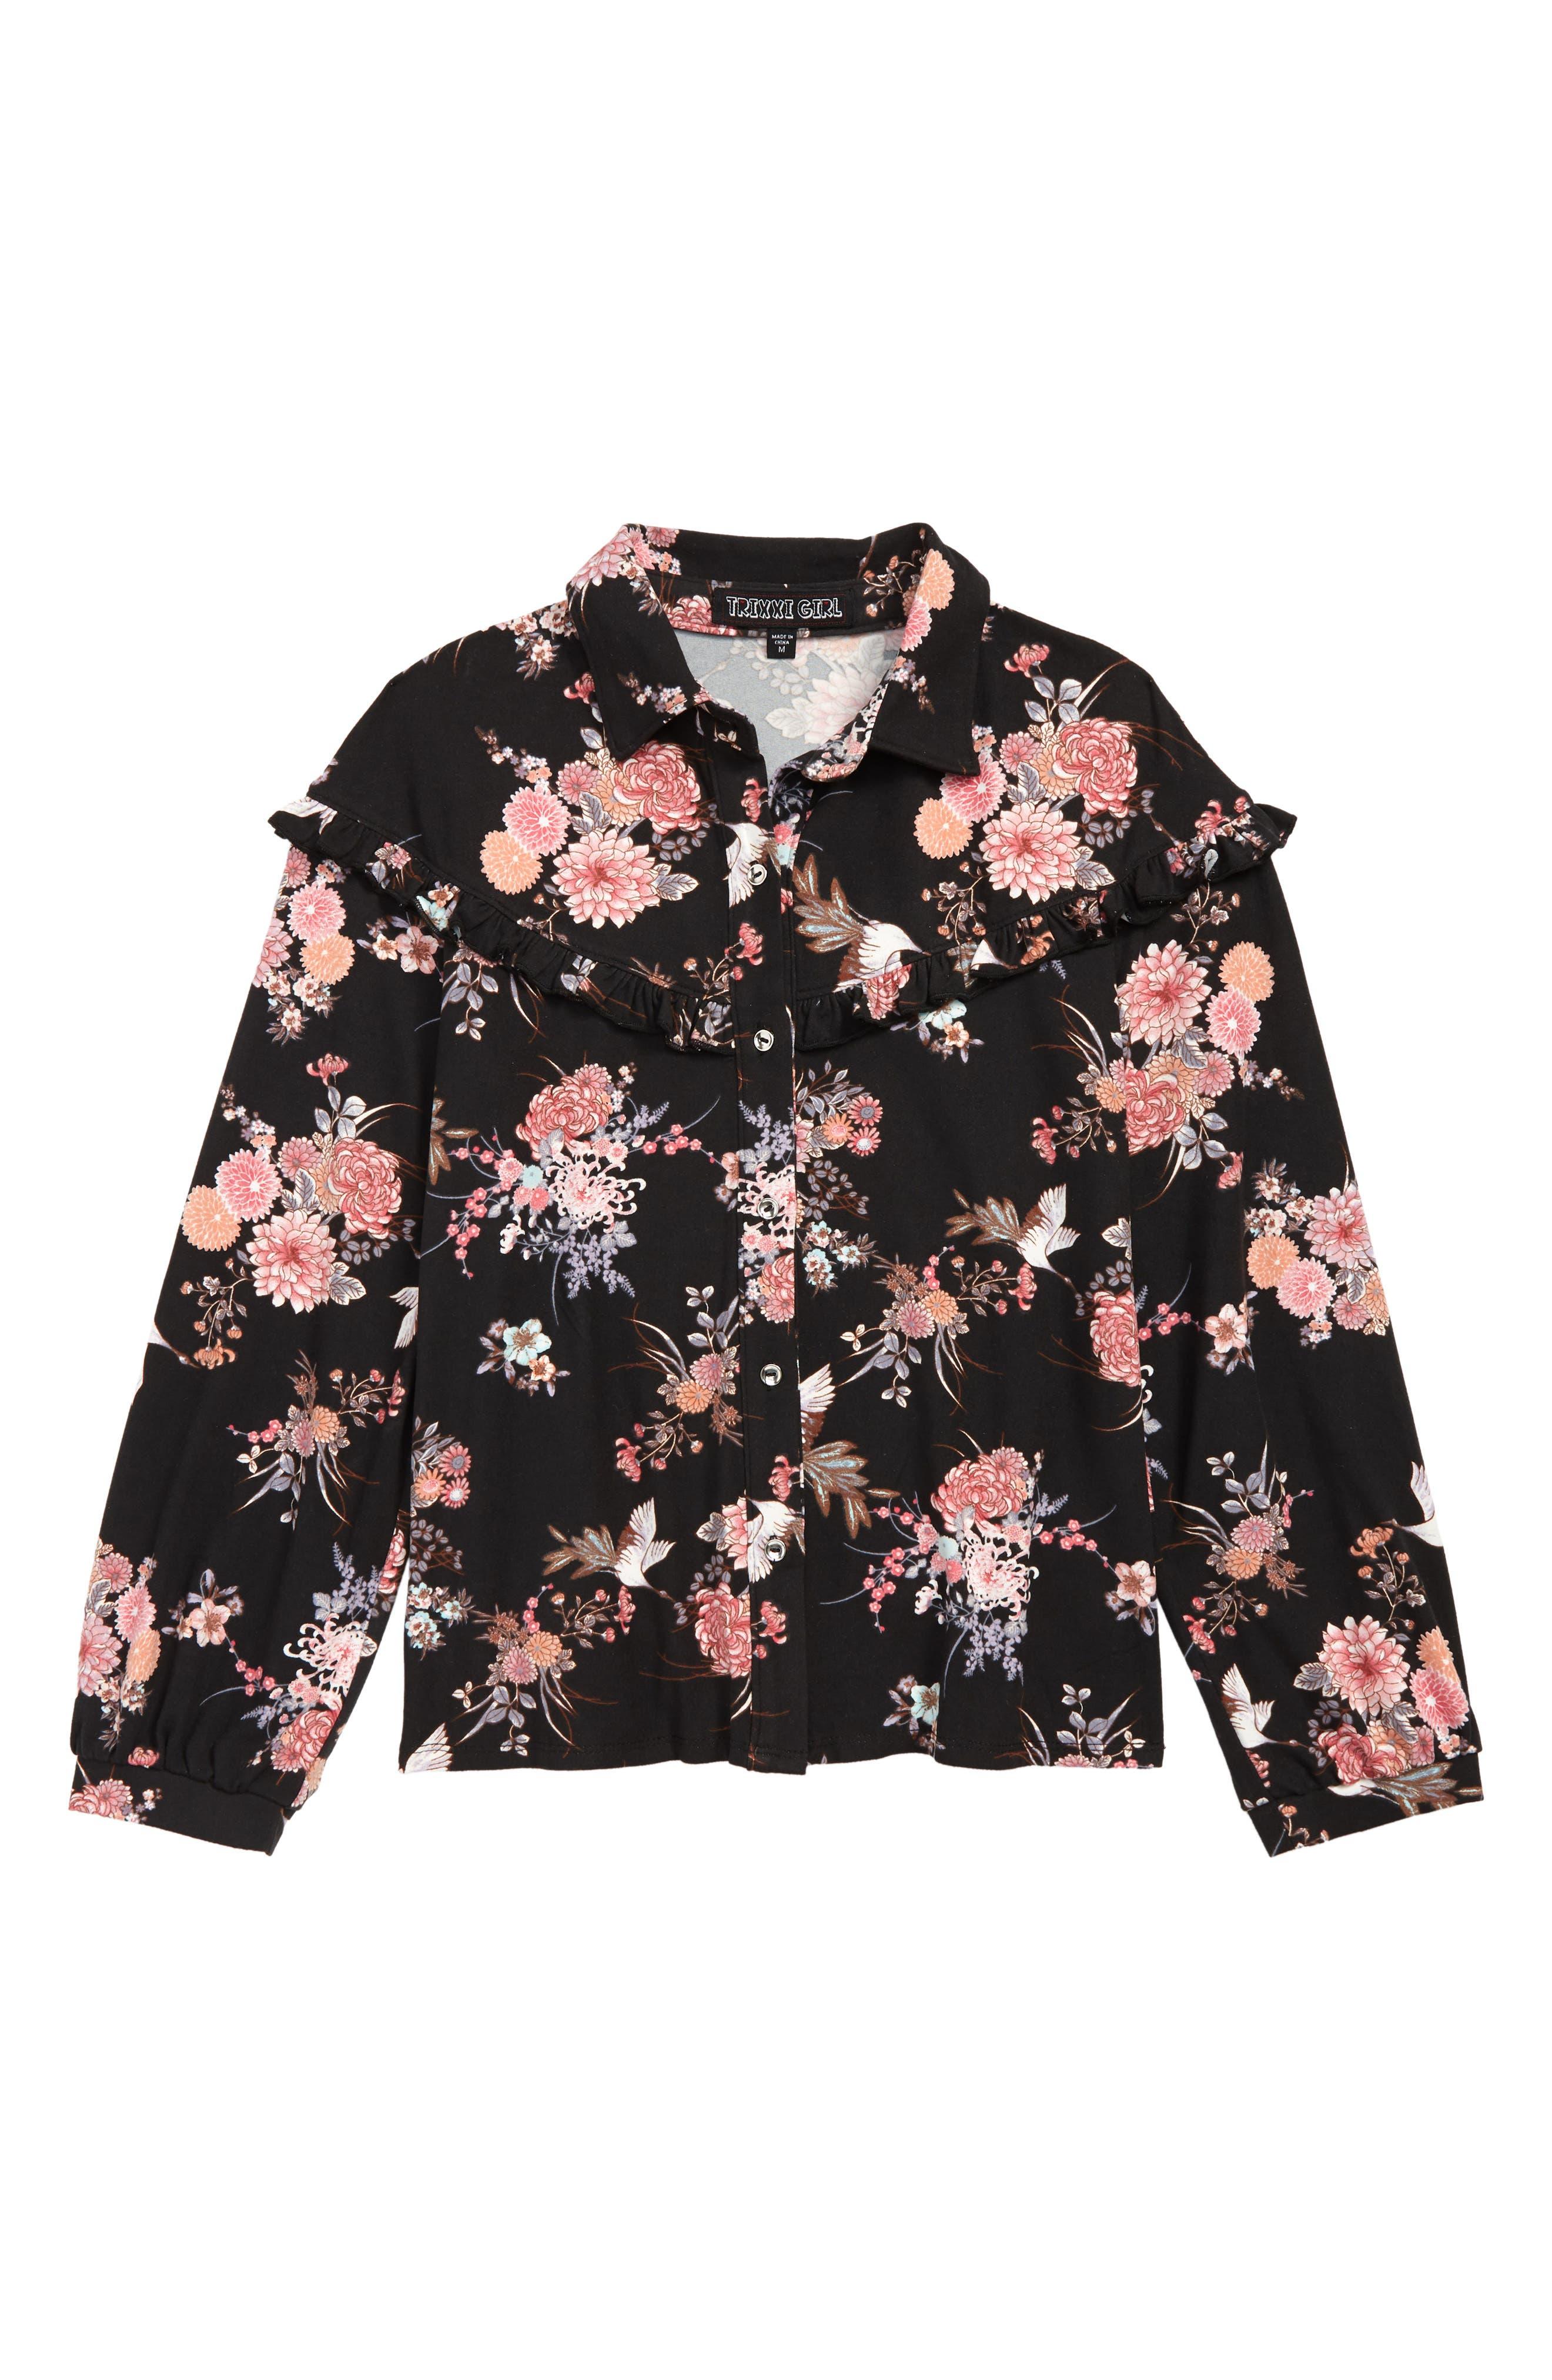 Floral Knit Top,                             Main thumbnail 1, color,                             BLACK FLORAL